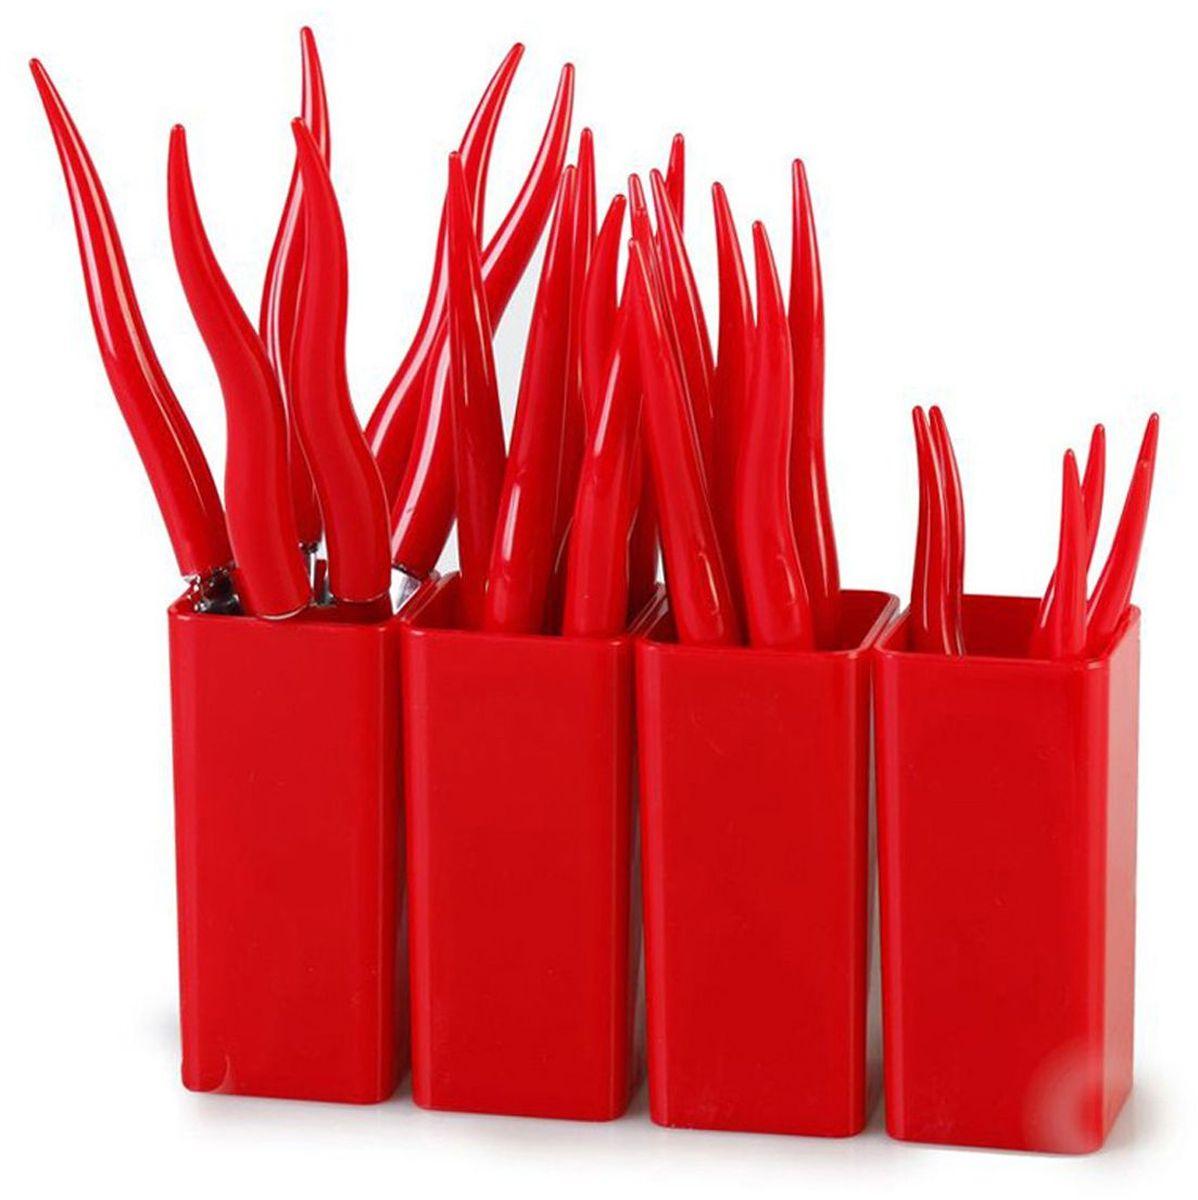 Набор столовых приборов MoulinVilla Chili, цвет: красный, 24 предметаTUL-24RСтоловые приборы CHILI 24 предмета подходят под различный интерьер. Столовые приборы CHILI – это яркий стильный дизайн и высокая функциональность. Столовые приборы сделаны из нержавеющей стали и высокопрочного пластика. Набор 24 предмета: 6 вилок, 6 ножей, 6 столовых ложек, 6 чайных ложек, 4 подставки. Их срок годности не ограничен.